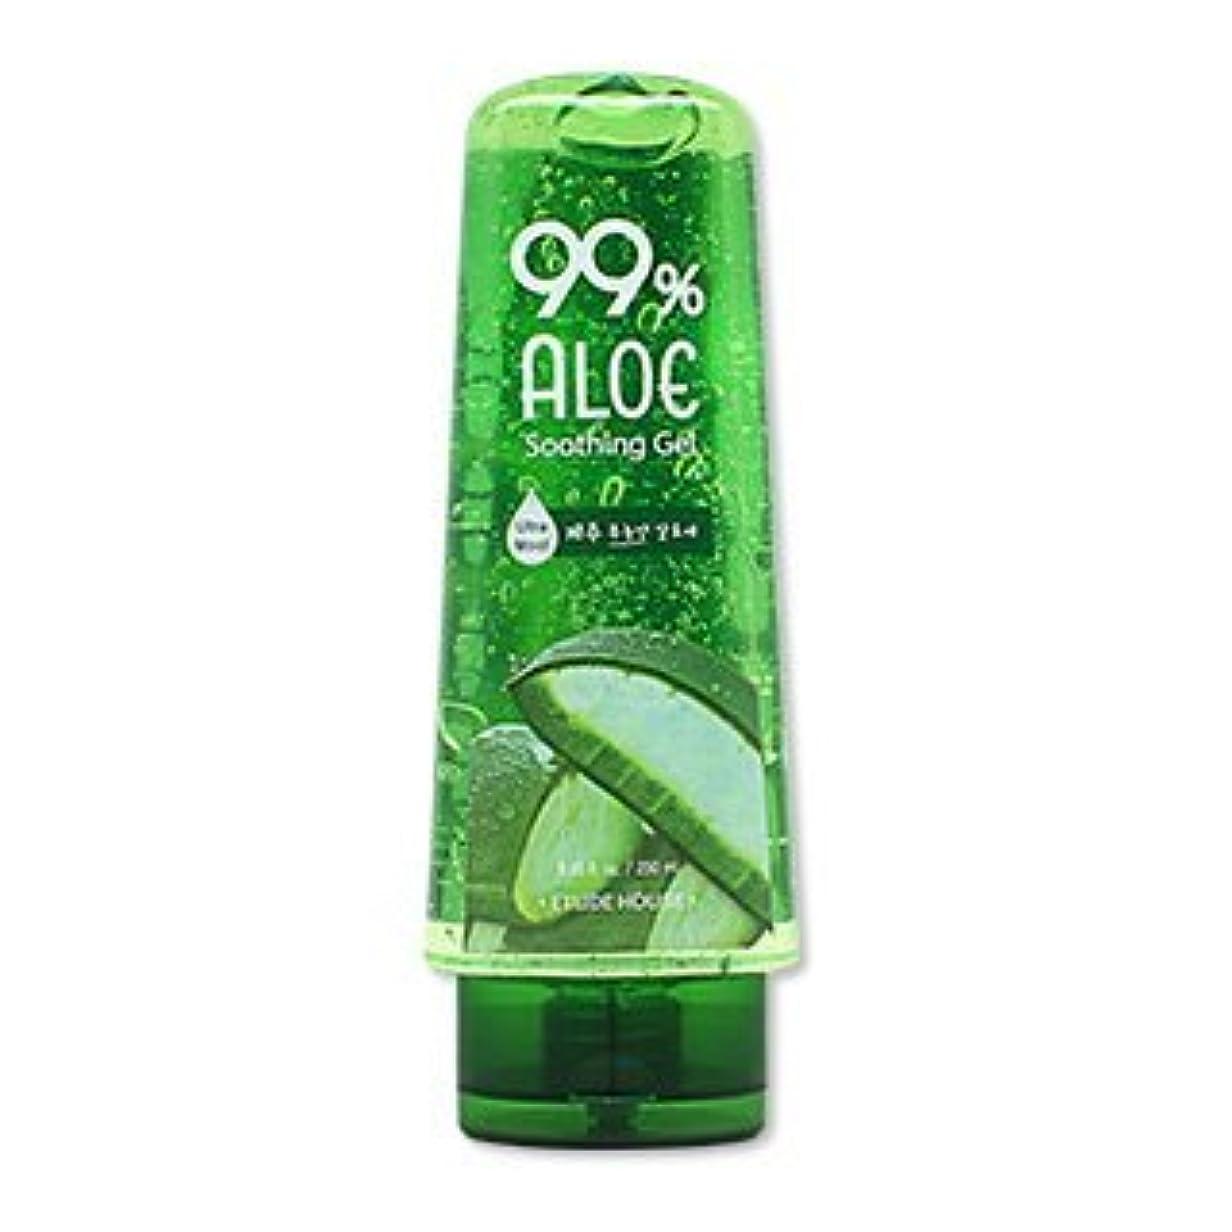 放送ラッシュ創傷ETUDE HOUSE 99% Aloe Soothing Gel 250ml/エチュードハウス 99% アロエ スージング ジェル 250ml